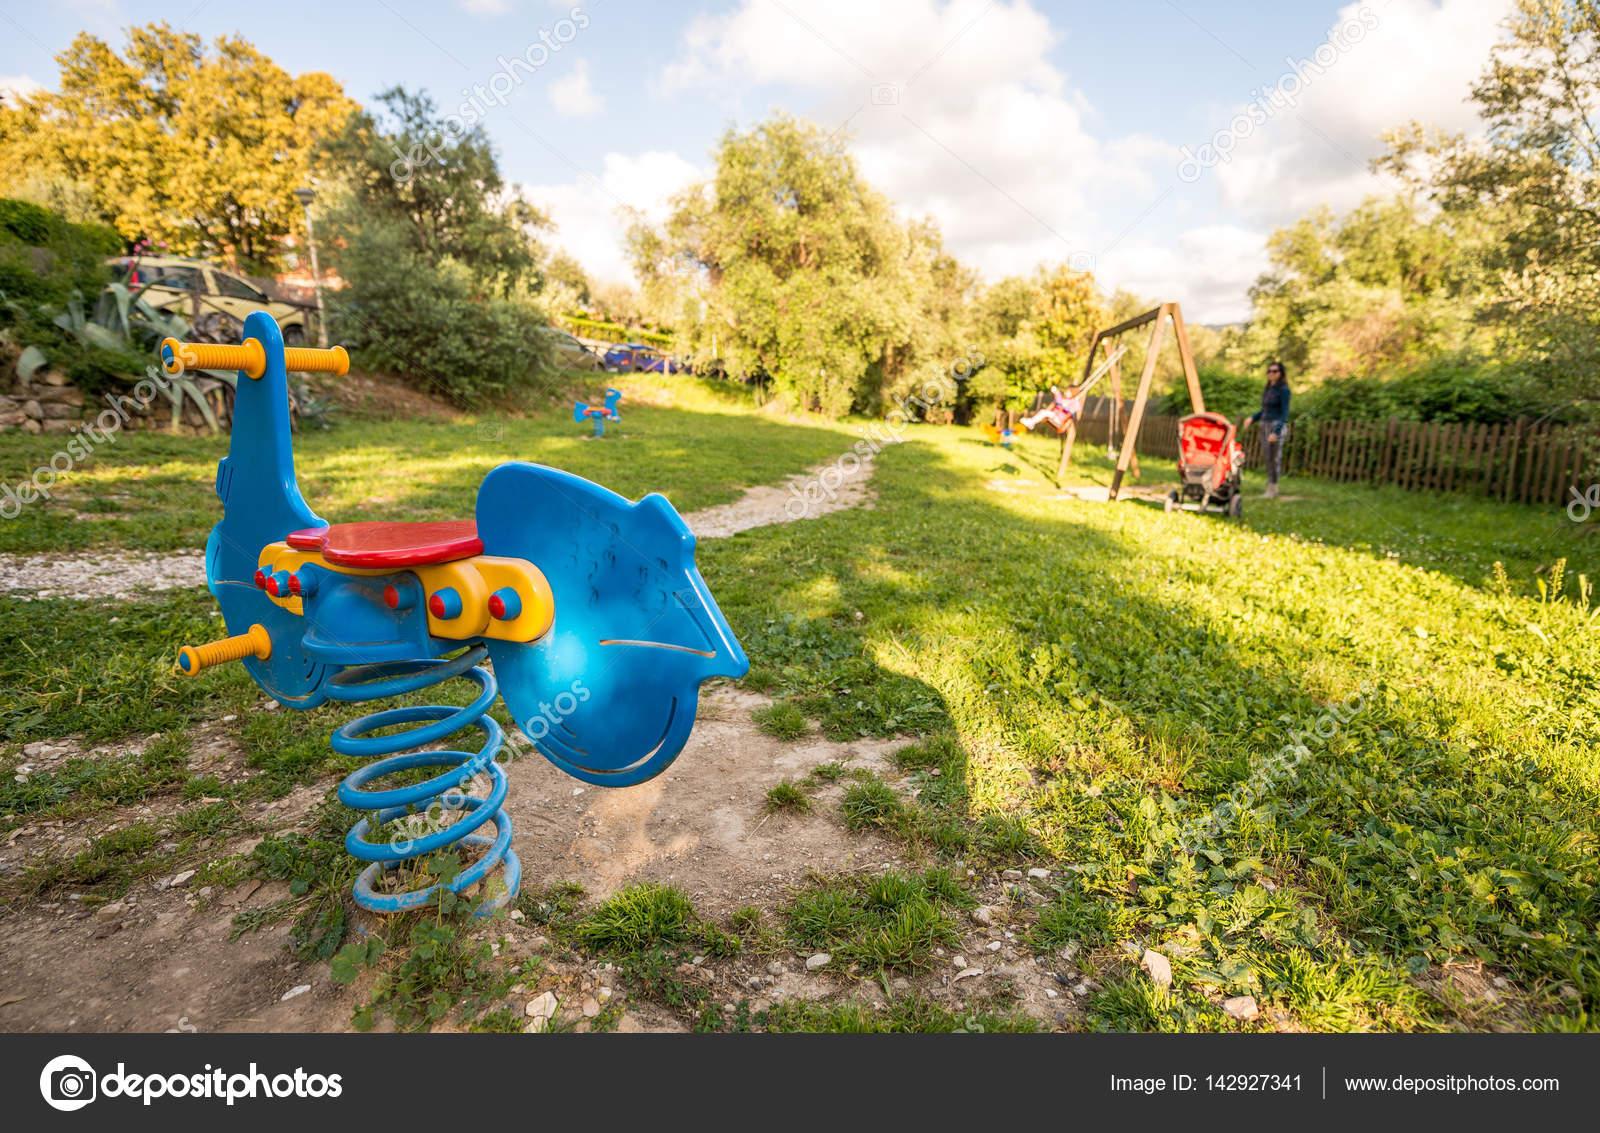 parque juegos para nios patio jardn u foto de stock